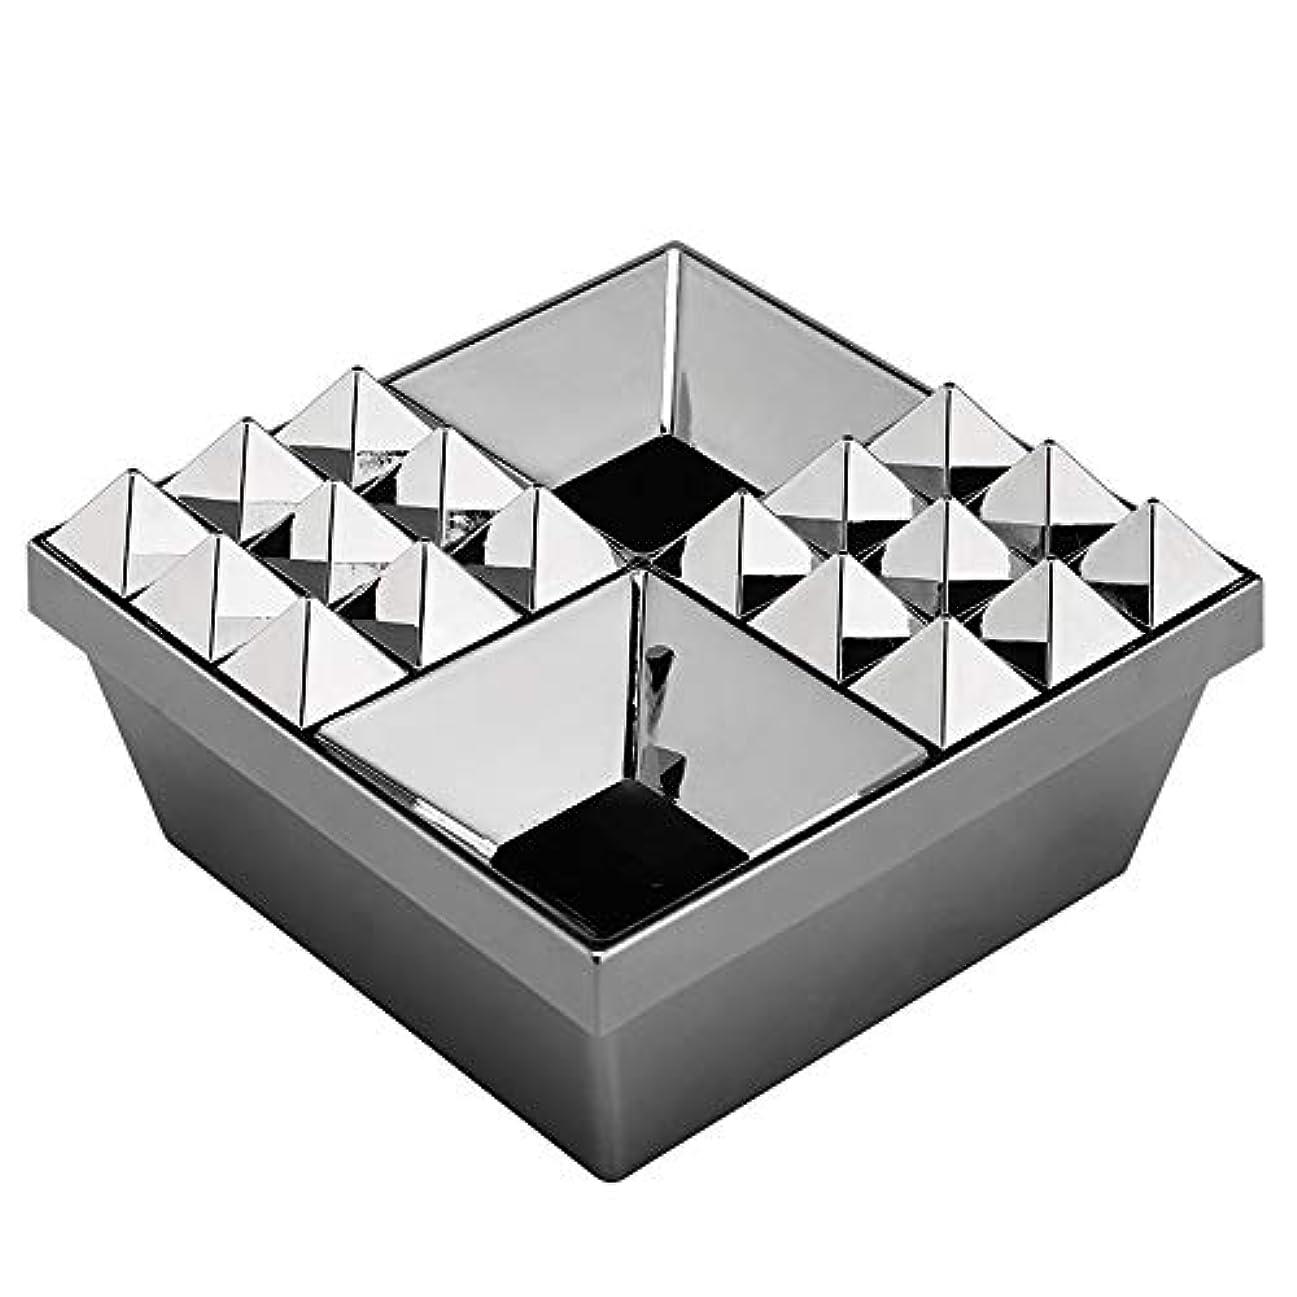 私たち自身王位シンプルさふたの家の装飾とタバコの創造的な灰皿のための灰皿 (色 : 銀)